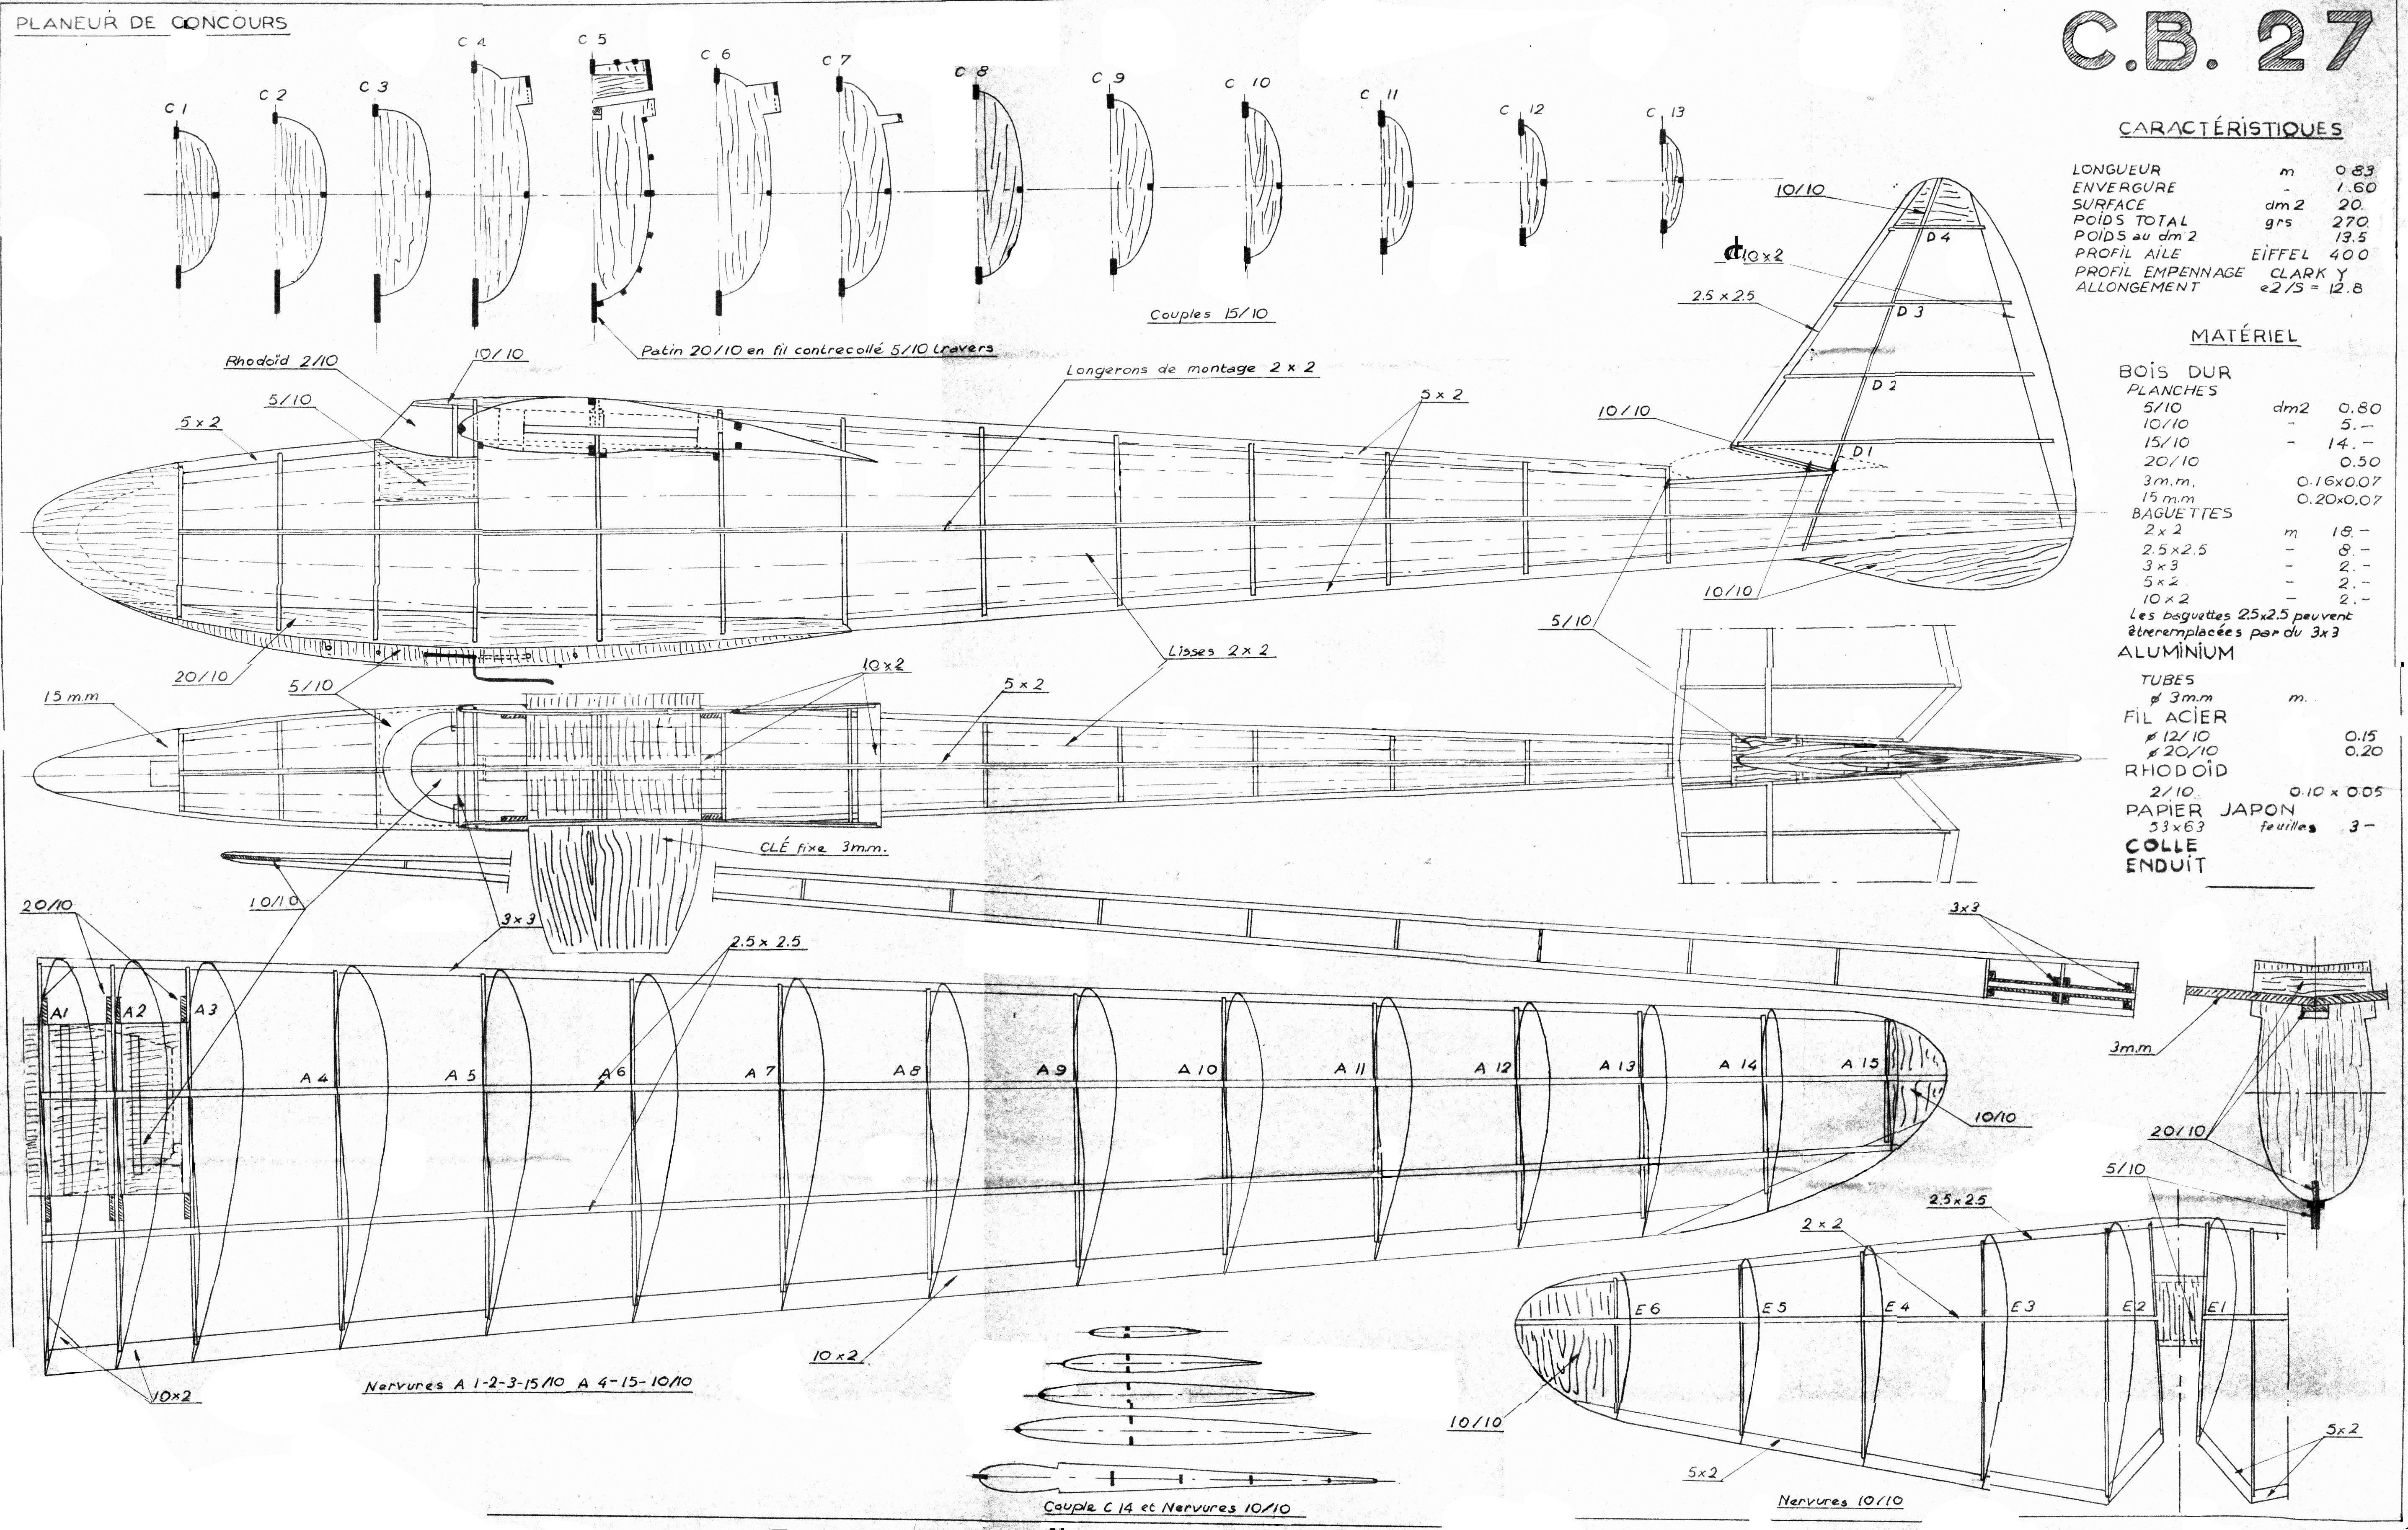 maquette plan eur gratuit 12 plan de peniche 13 plan ~ Plan Maquette Avion Bois Gratuit